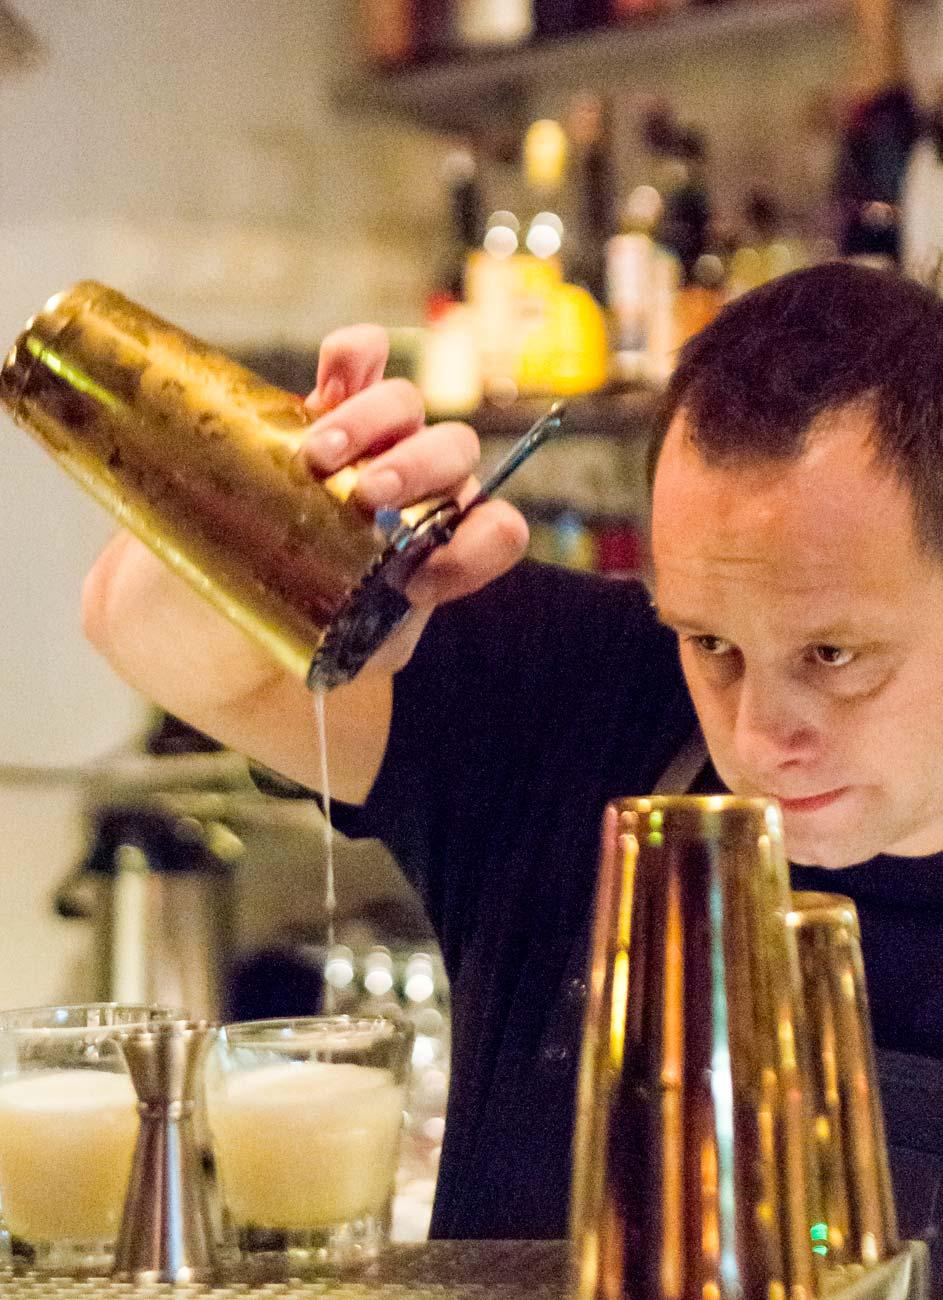 skien-by-bar-drinker-cocktails-12